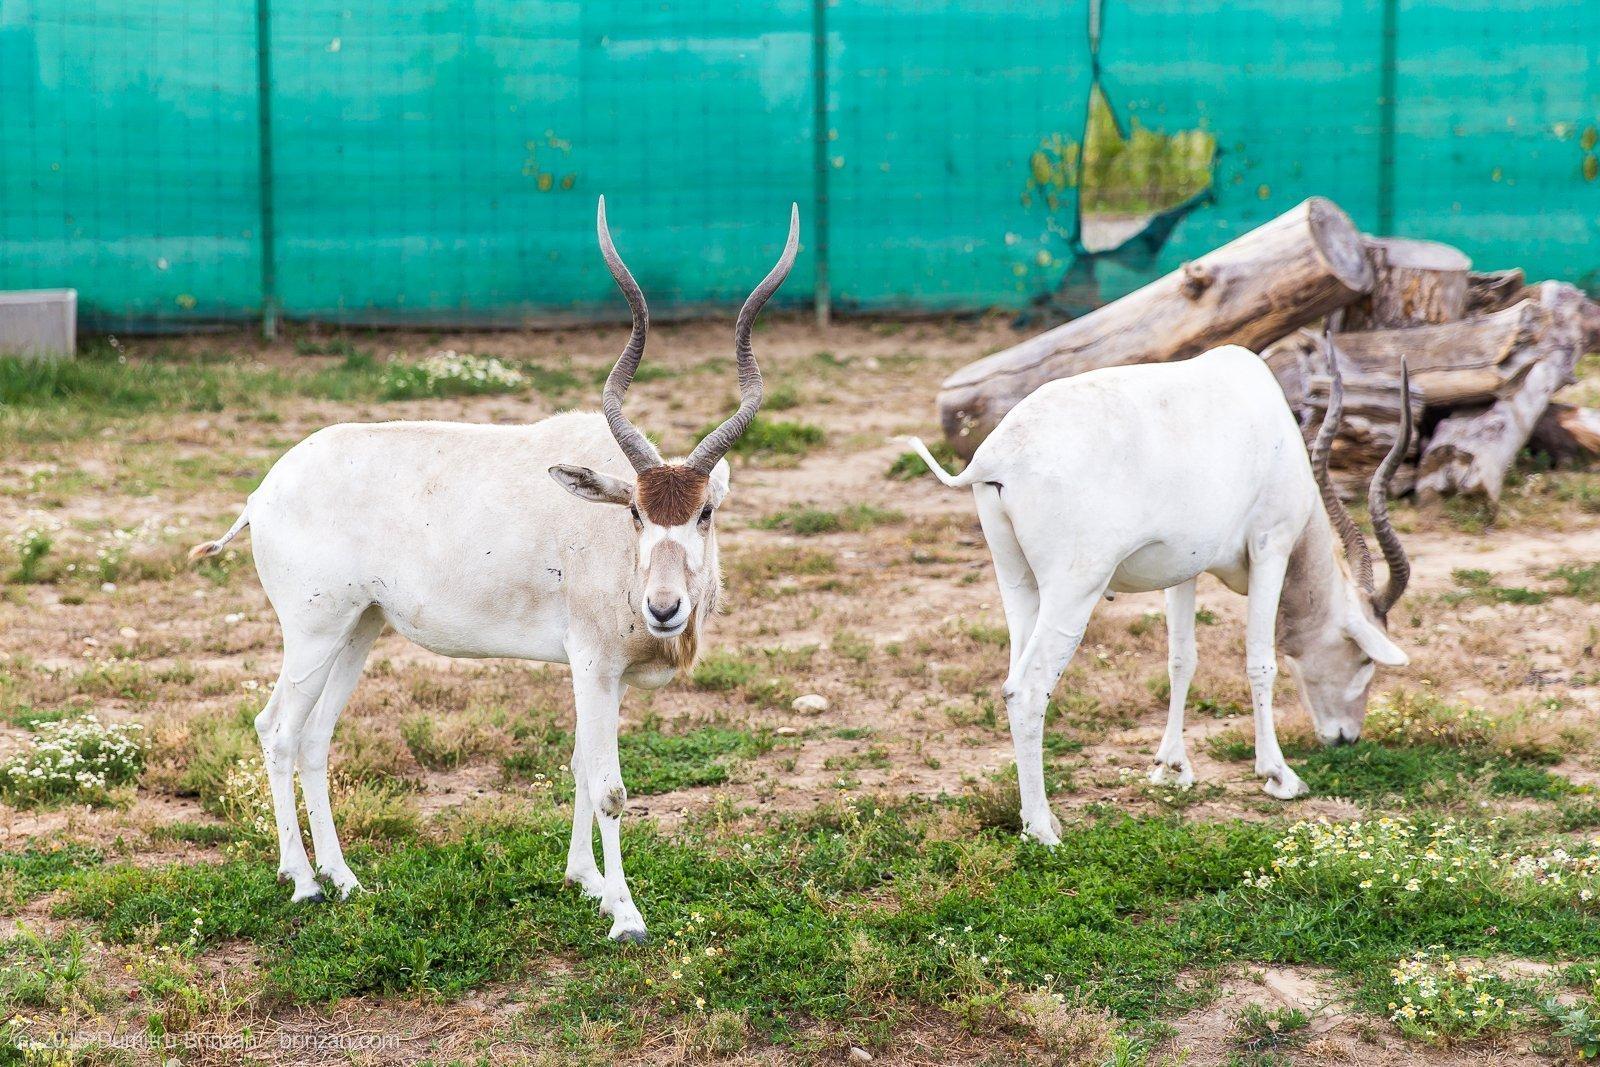 zoo-oradea-romania-2015-5